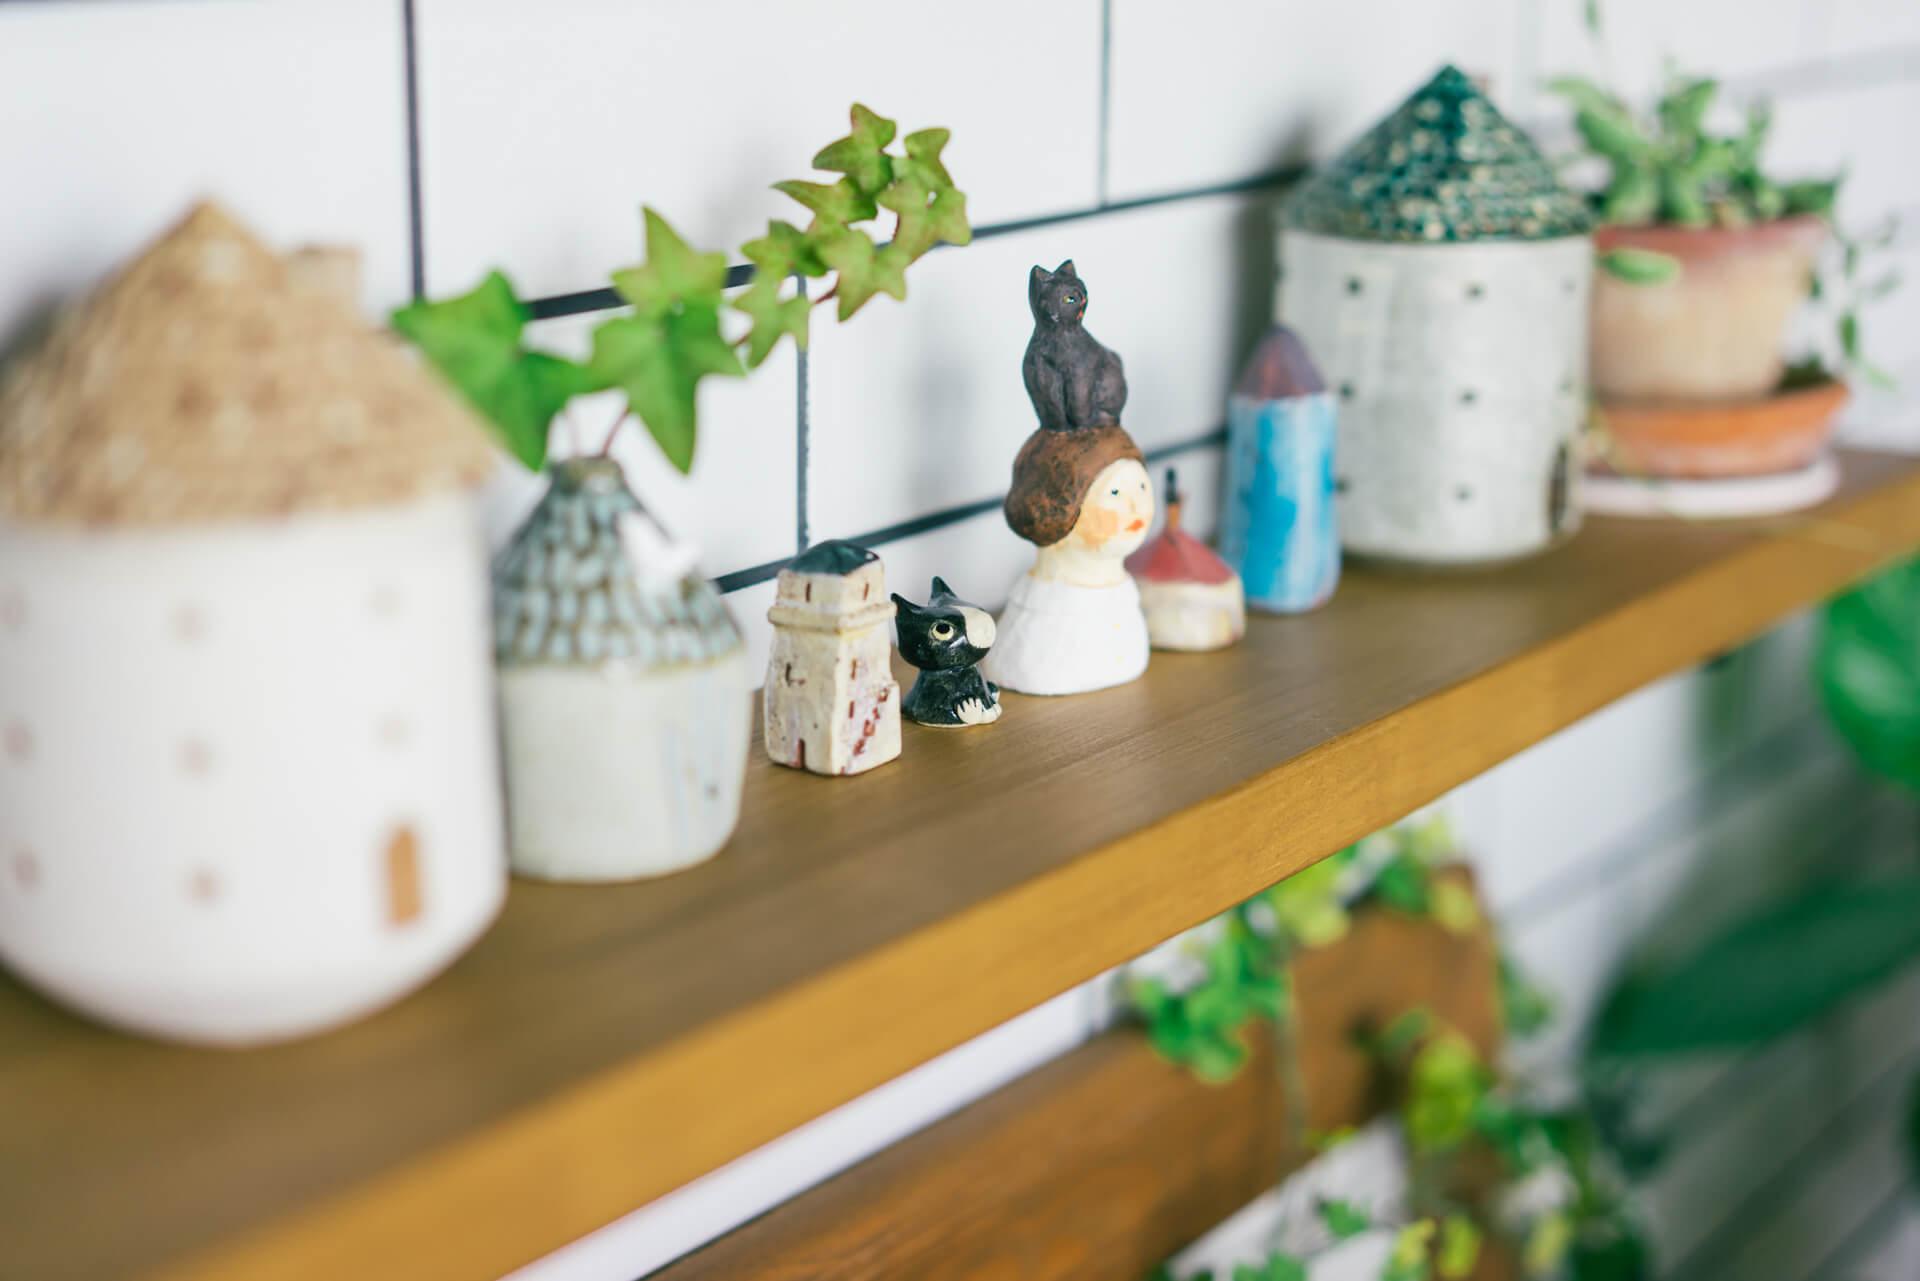 いろんな雑貨の中にもアイビーなどのグリーンが混ざることで部屋を生き生きとみせてくれます。